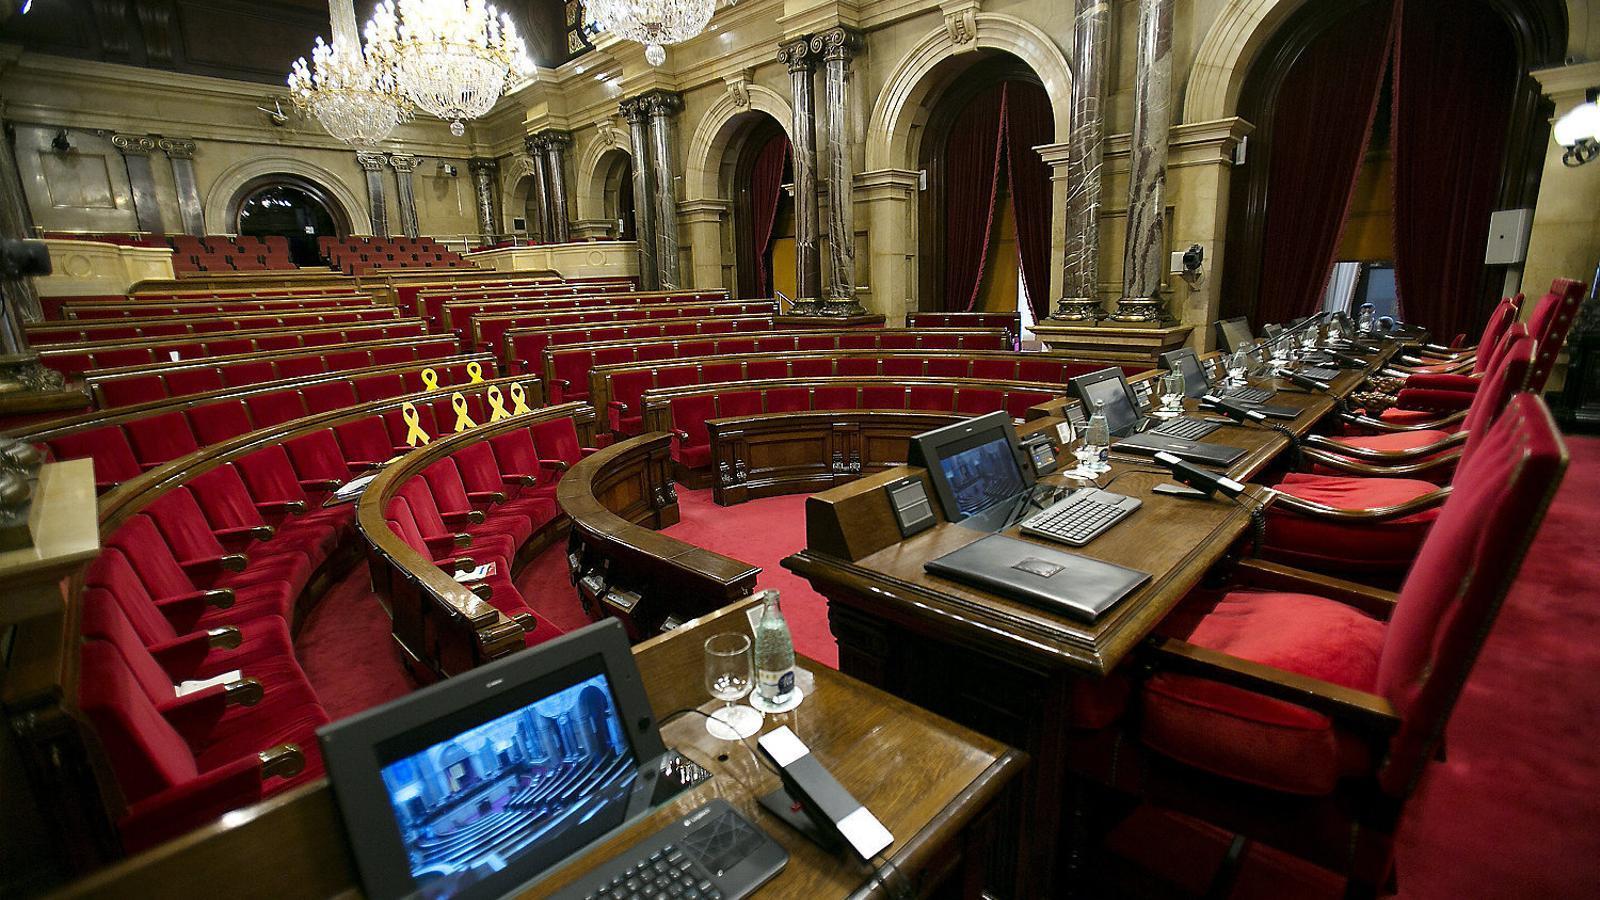 El ple del Parlament buit després que la mesa no assolís un acord sobre la suspensió dels diputats processats per rebel·lió.